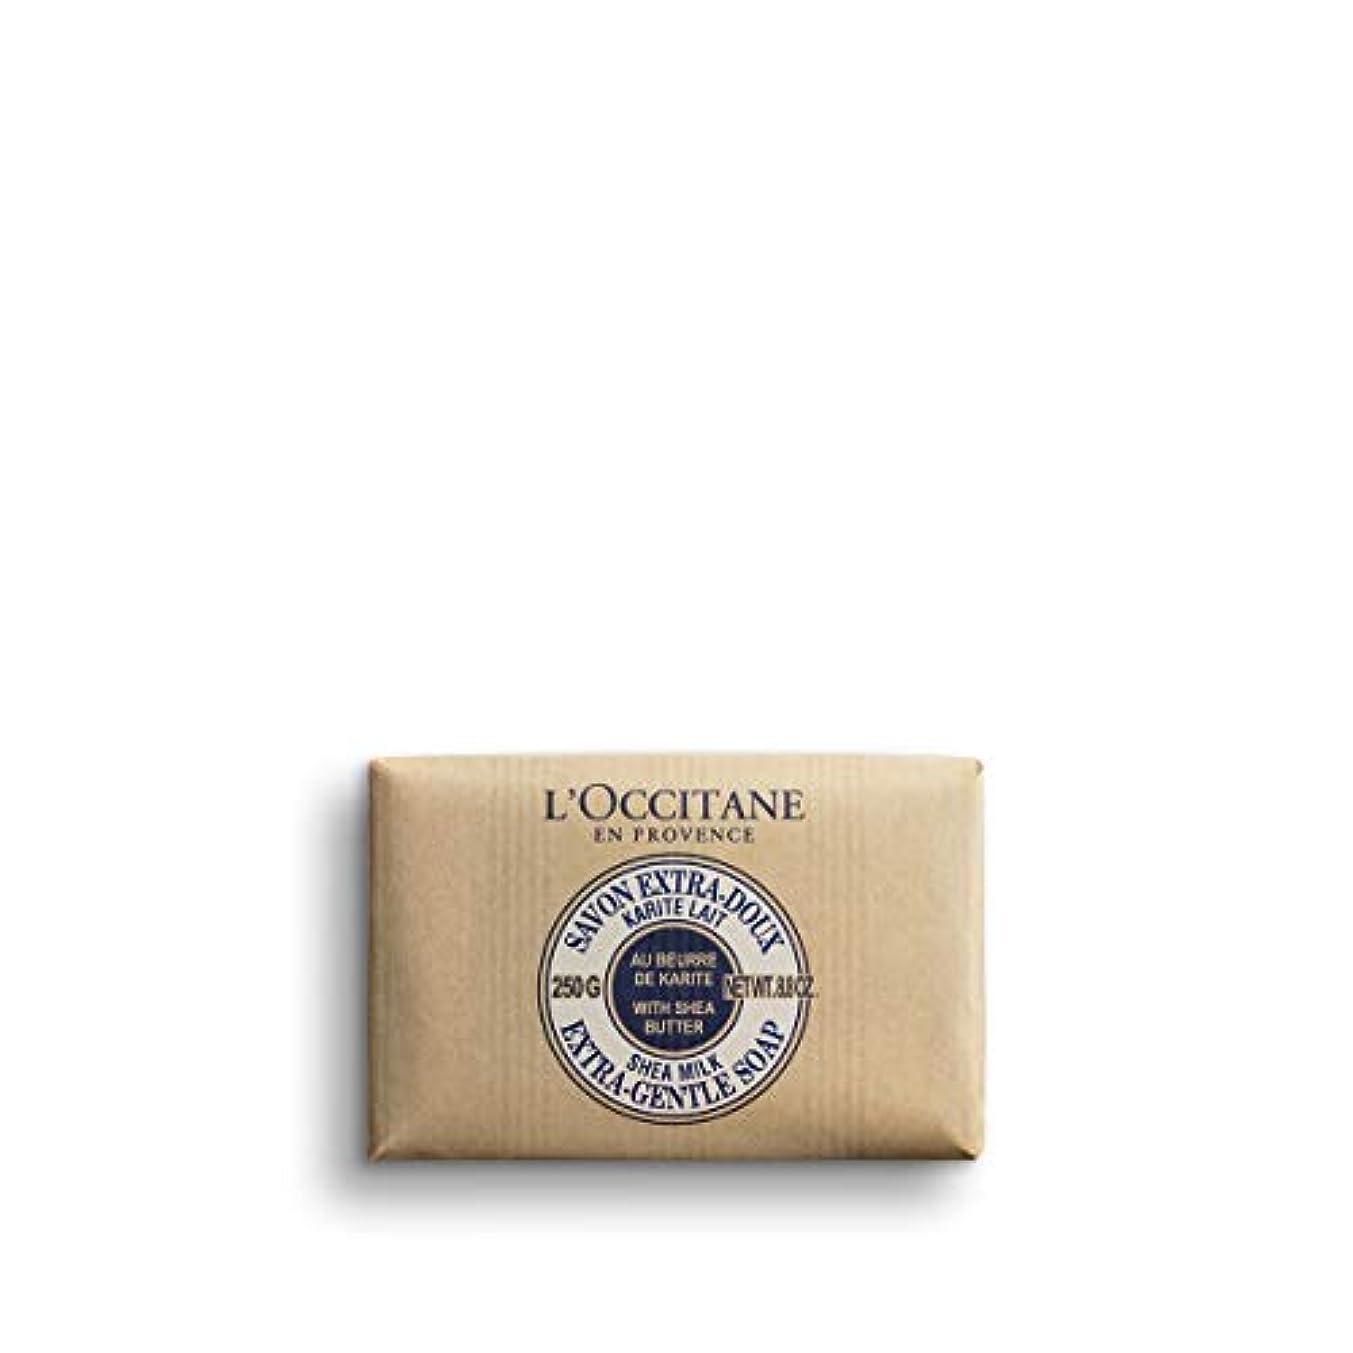 つづりサイドボード評価するロクシタン(L'OCCITANE) シアバターソープ 250g ミルク